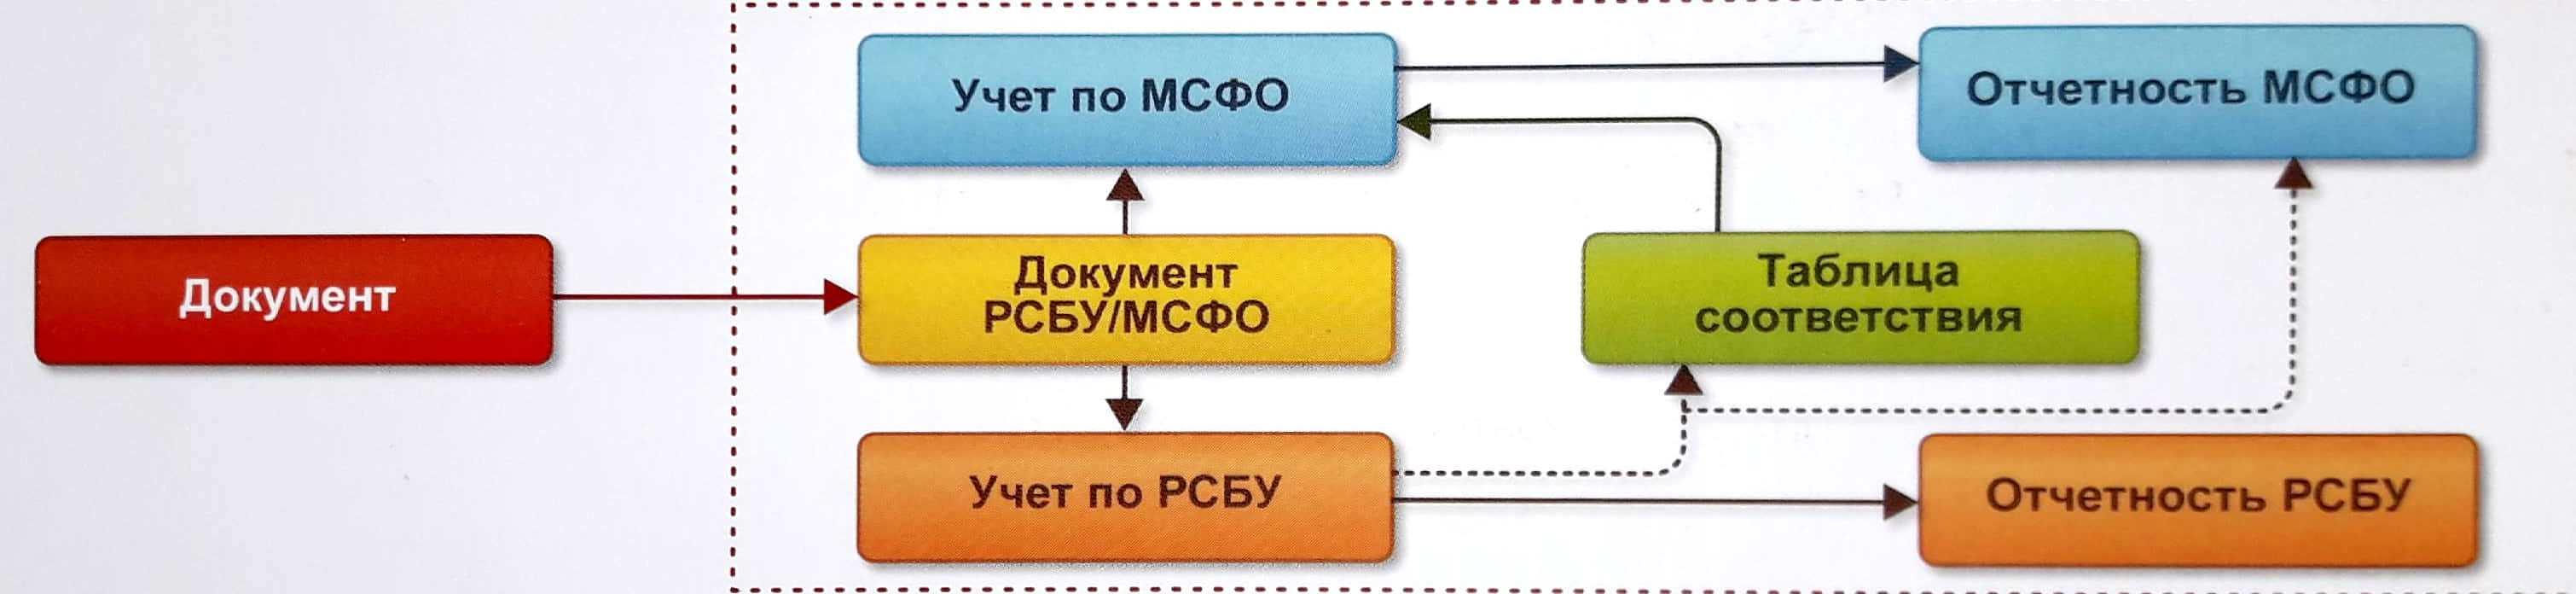 МСФО в 1С: ERP - как выбрать систему управления предприятием - Купить решение